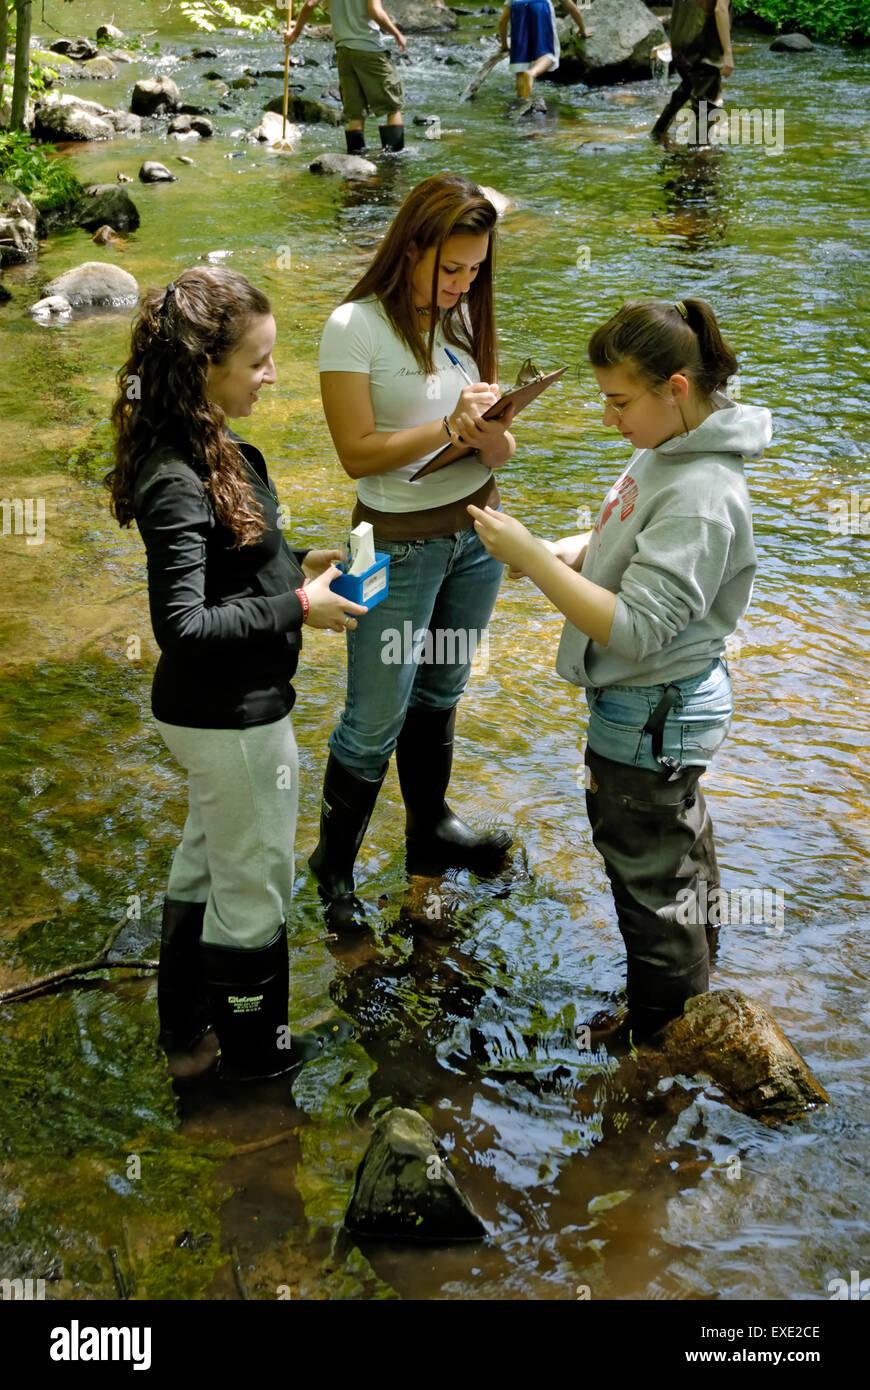 Adolescente femenina estudiantes en viaje de campo río pruebas para indicadores químicos de calidad de Imagen De Stock